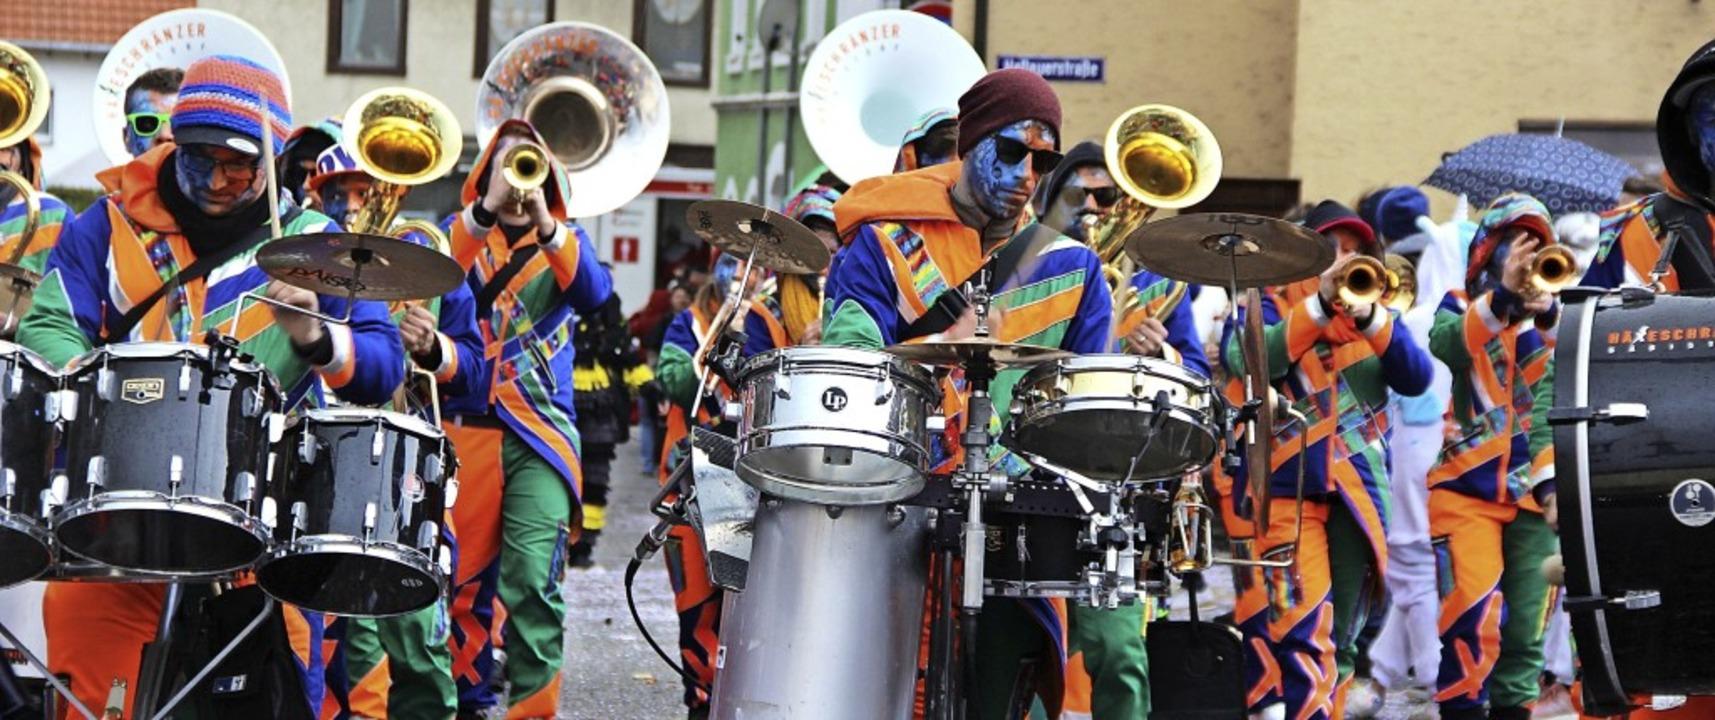 Viele Guggenmusiken und auch  Musikver...nd zeigten unglaubliche Farbenpracht.   | Foto: Lucia van Kreuningen